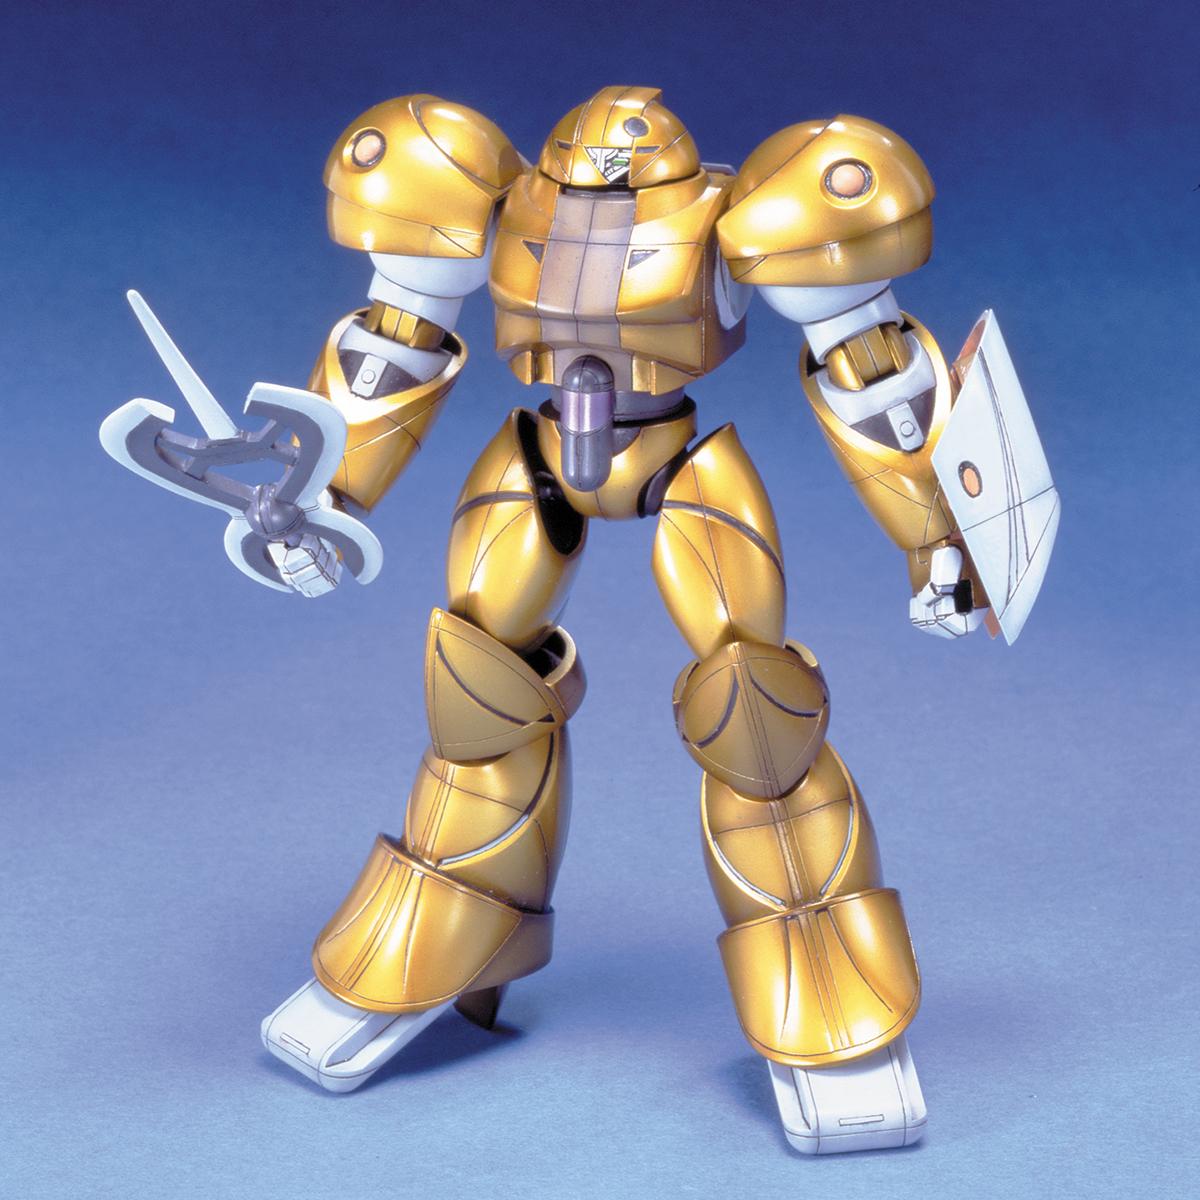 76931/144 MRC-F20 モビルスモー・ハリー機(ゴールドタイプ) [Mobile SUMO Gold Type] 4902425733289